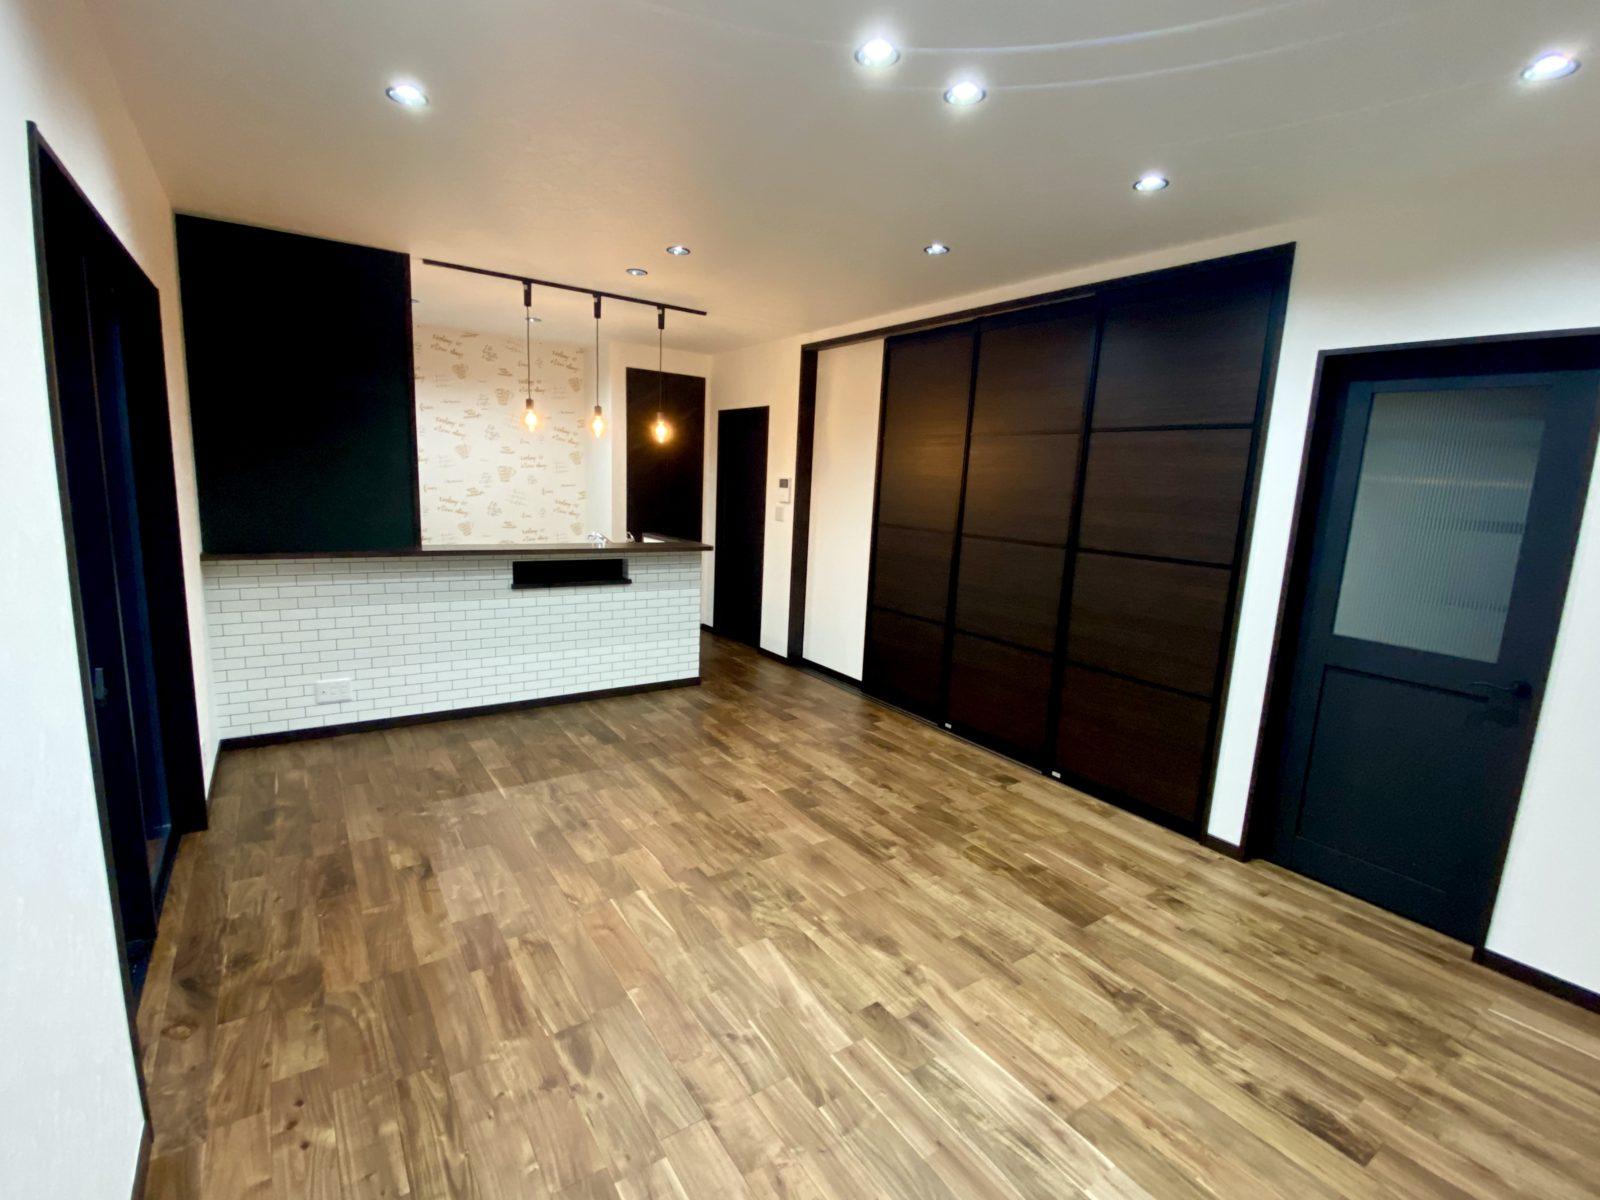 使い勝手のよい間取りと豊富な収納のあるお家 オープンハウス 【鹿児島市】